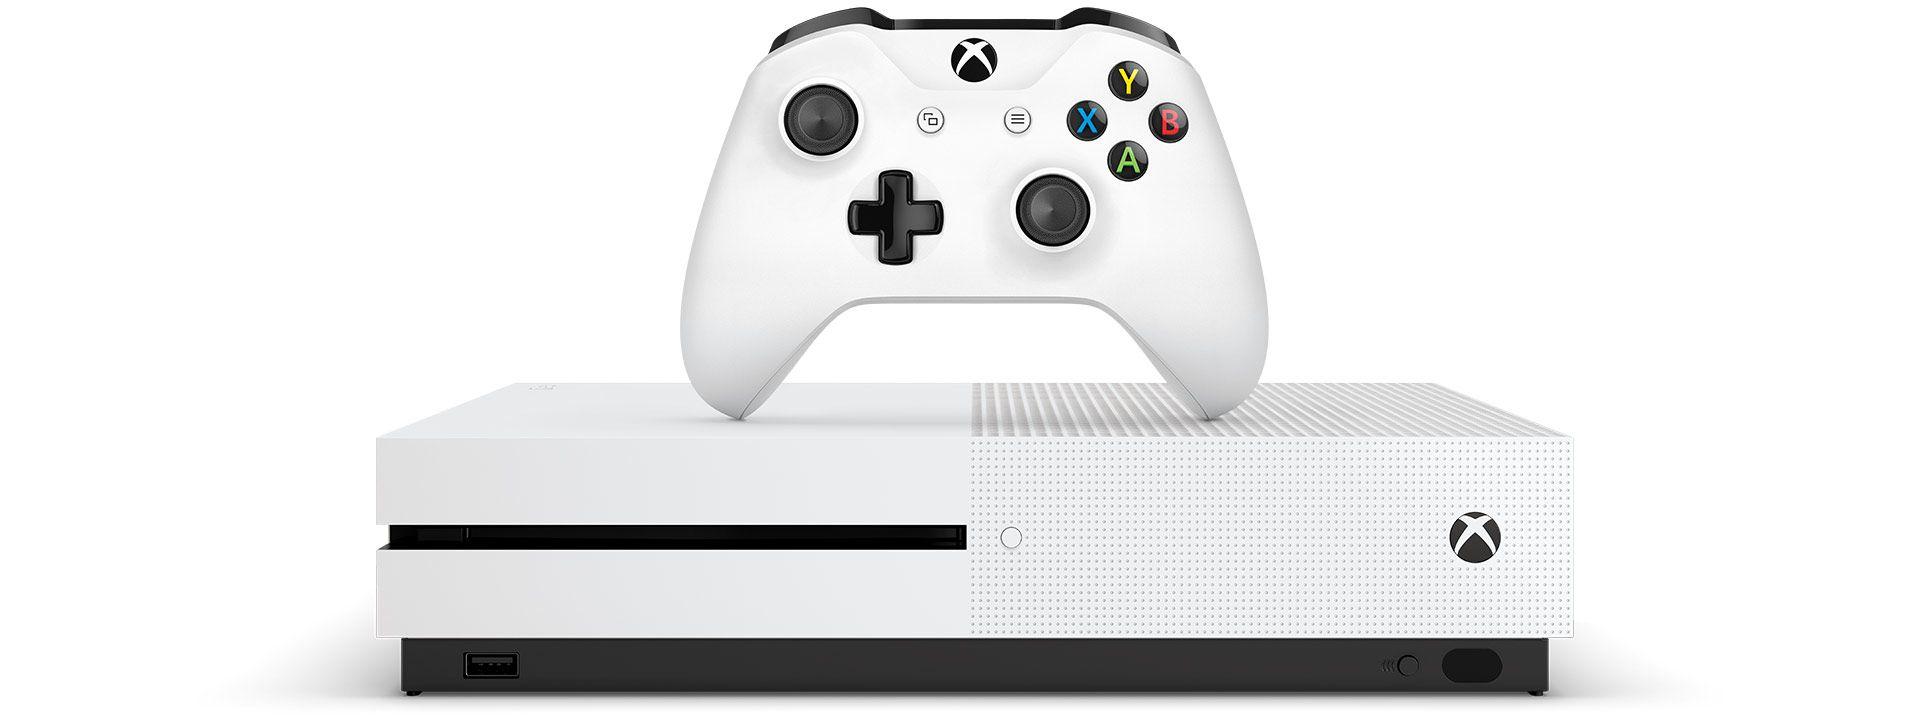 Xbox One S Roblox Bundle 1tb Xbox In 2020 Xbox One S Xbox Roblox